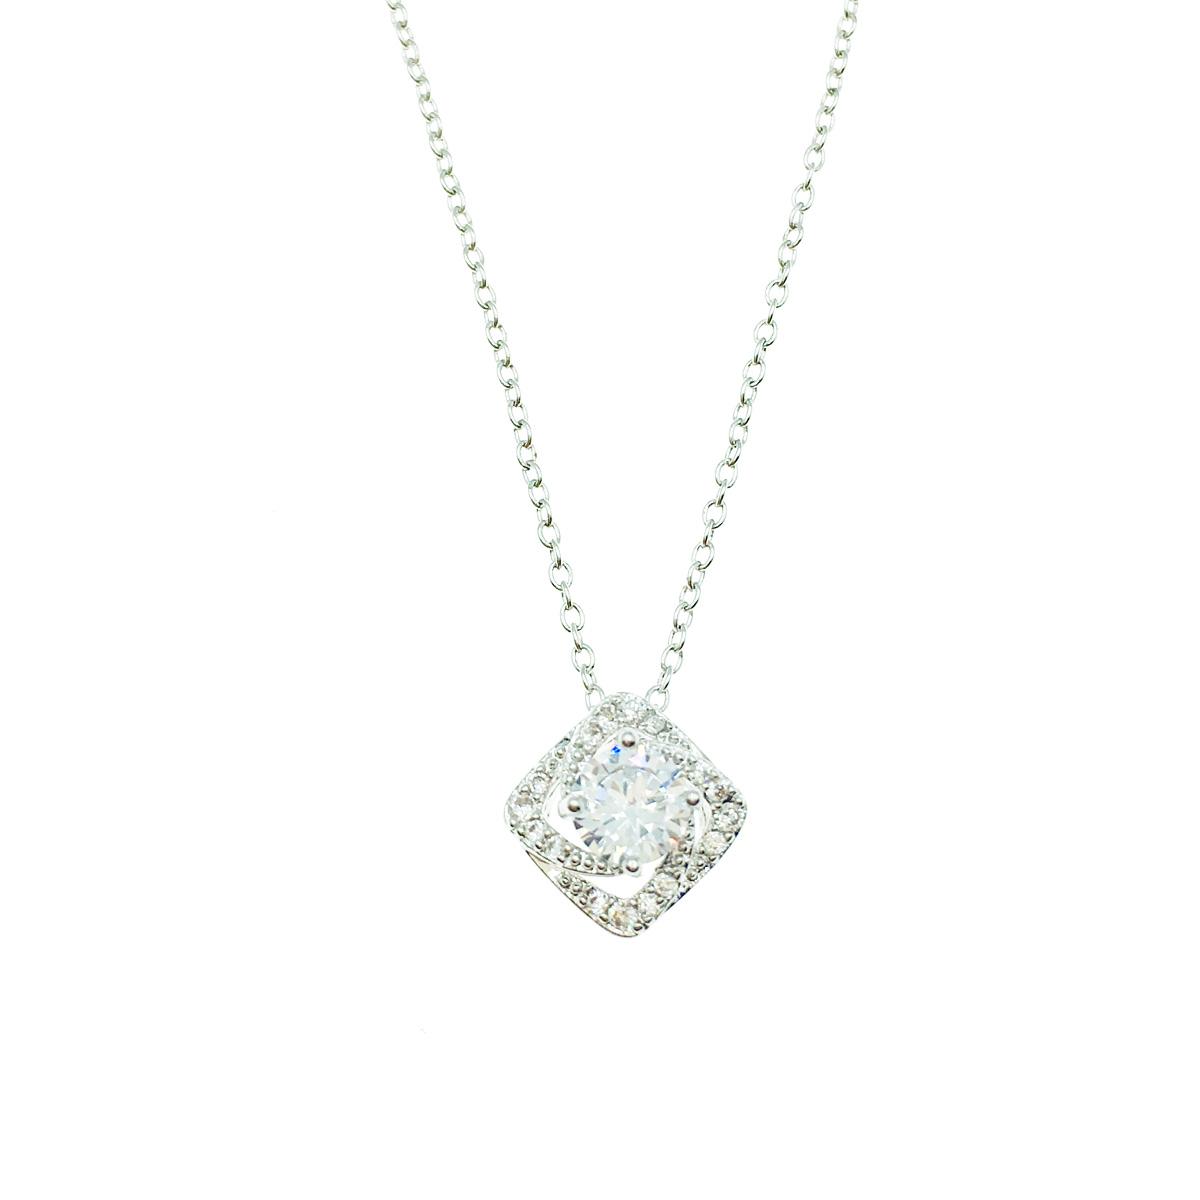 韓國 925純銀 立體方形幾何 俐落簡約質感 項鍊